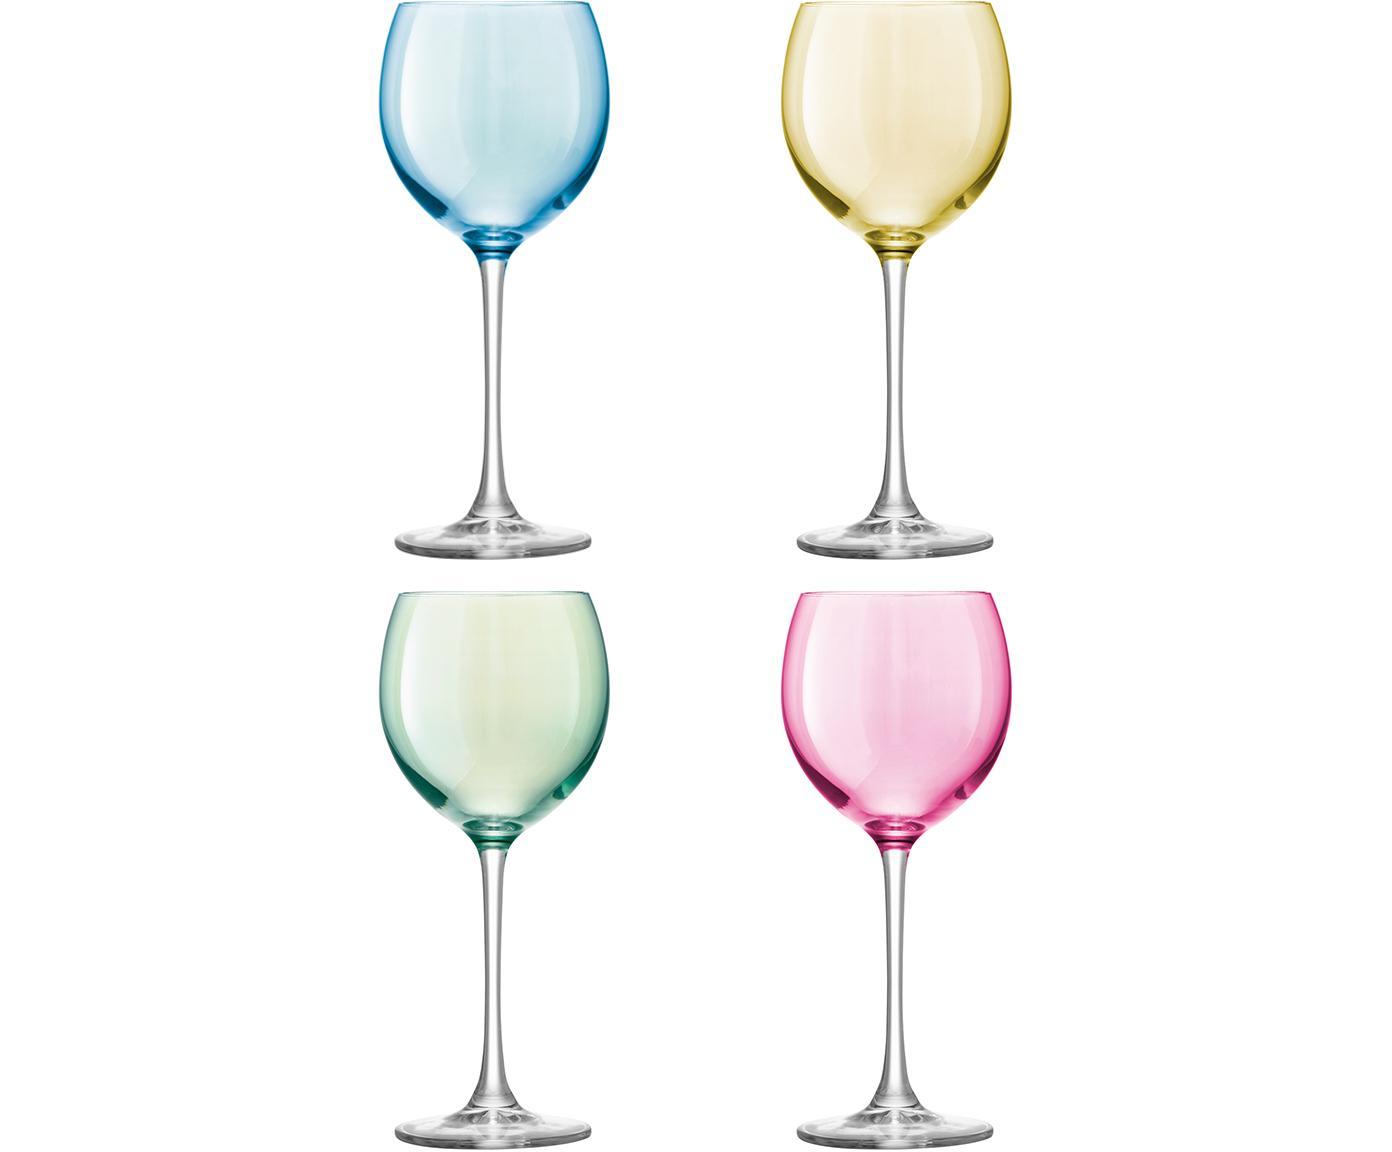 Handbeschilderde wijnglazenset Polka, 4-delig, Glas, Blauw, groen, roze, geel, Ø 9 x H 21 cm